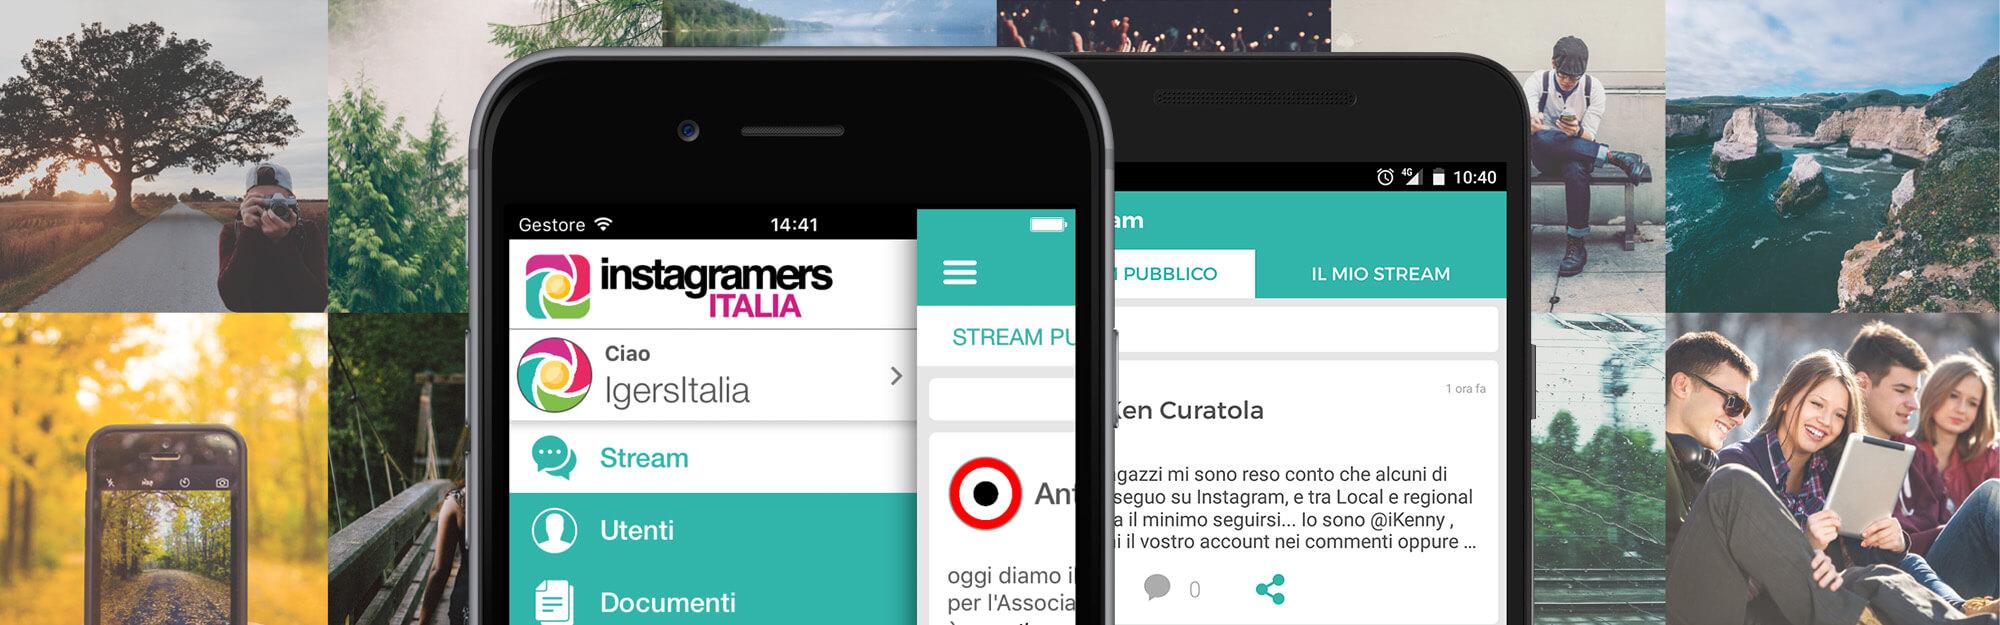 Creare valore con il Mobile per Organizzazioni e Community Verticali: l'app Igersitalia